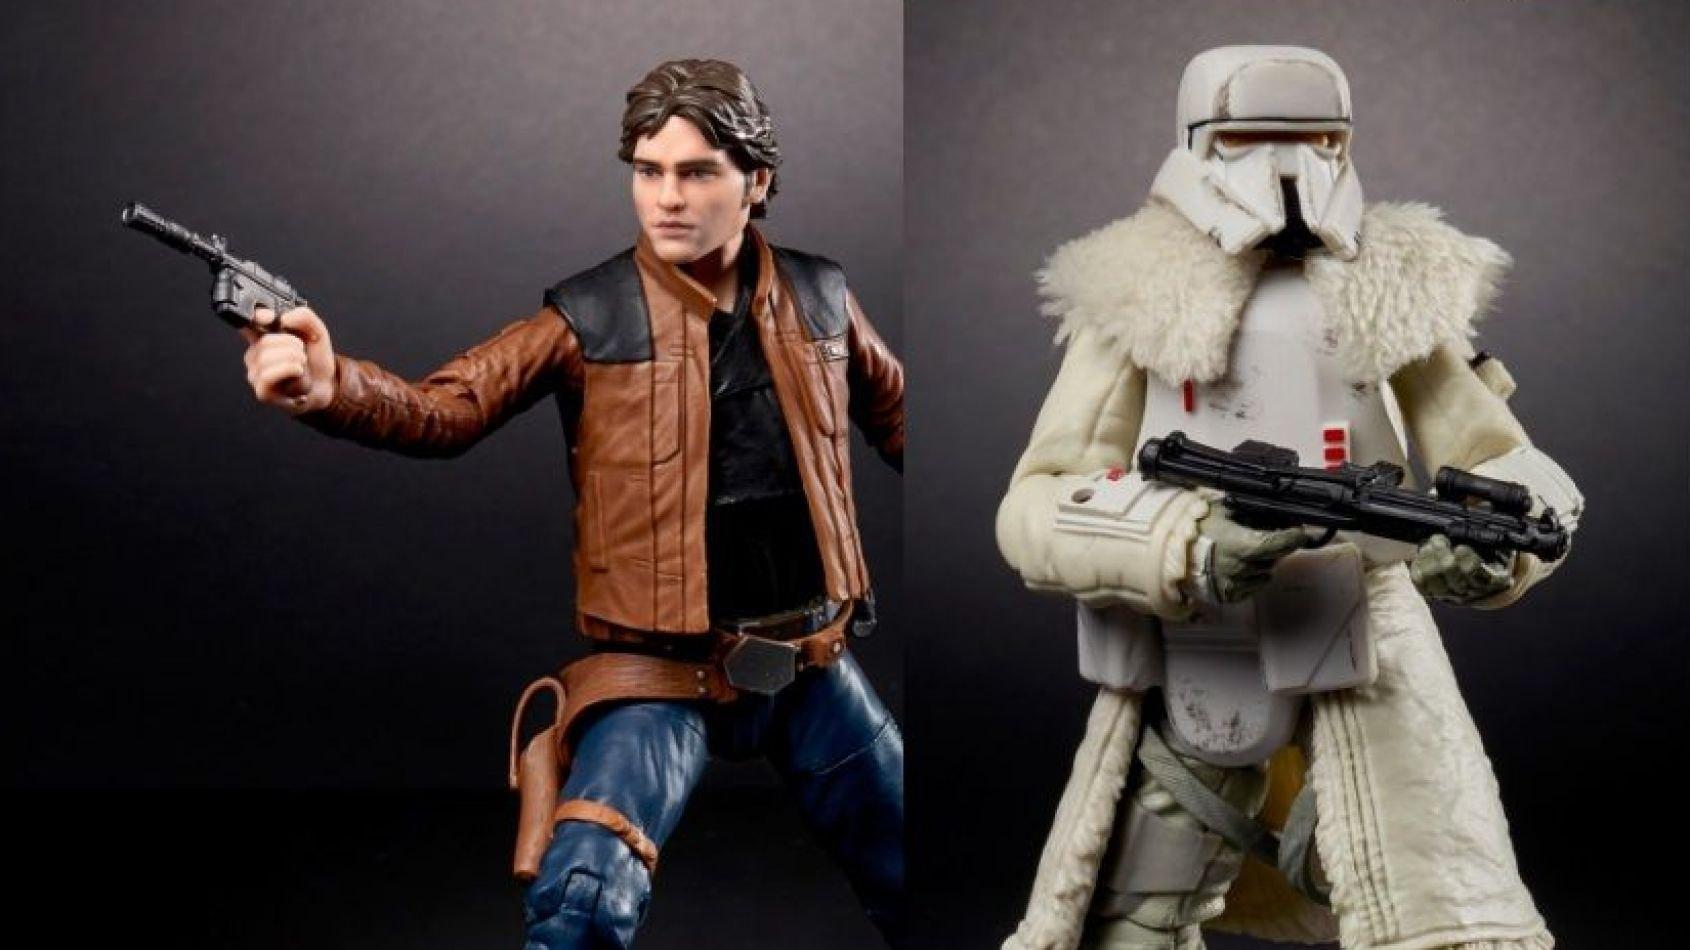 Les Figurines Blaskseries de Solo a Star Wars Story en images